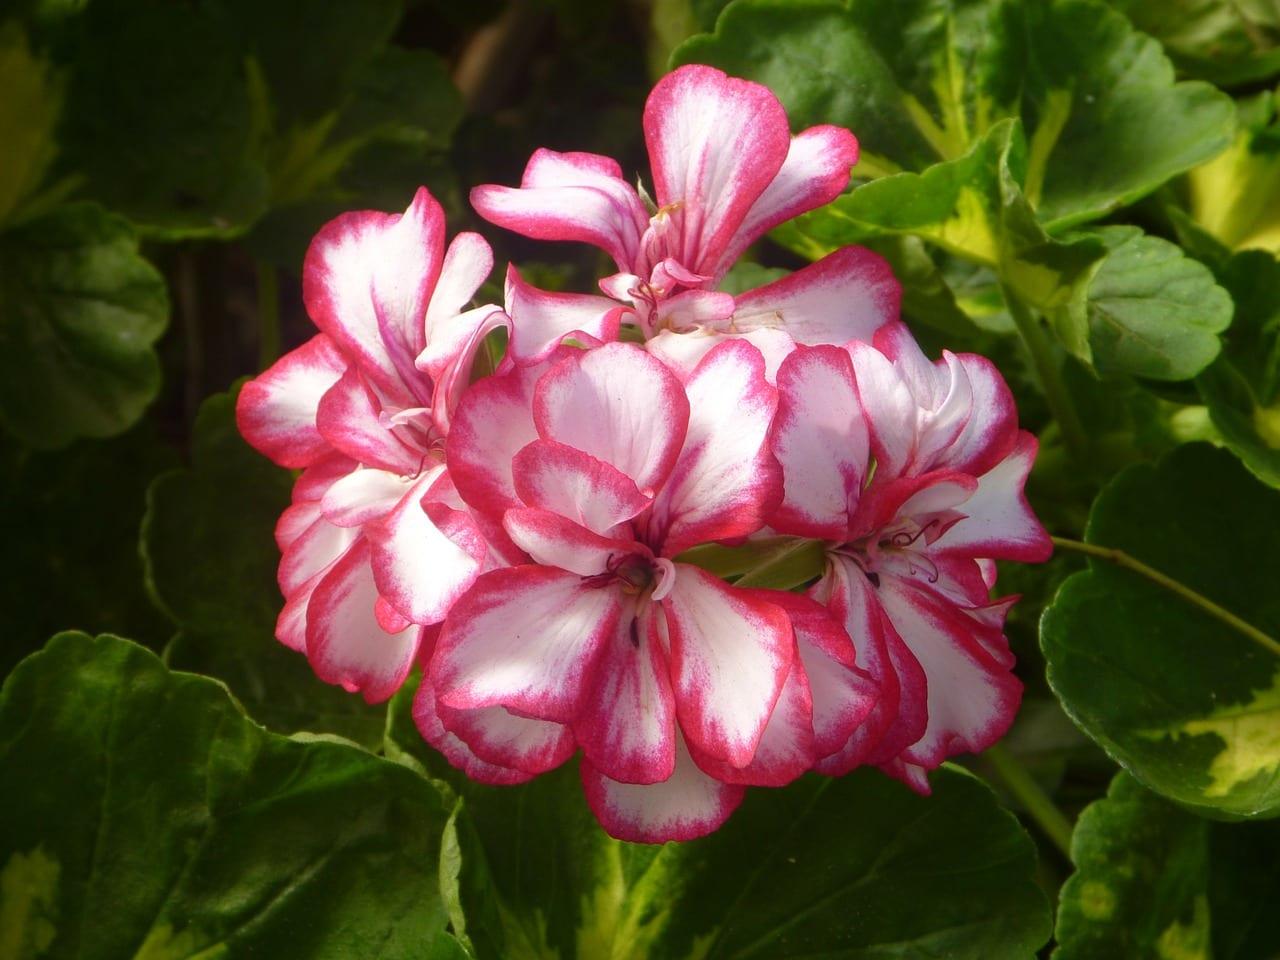 Geranio de flores bicolores (rosa y blanco)